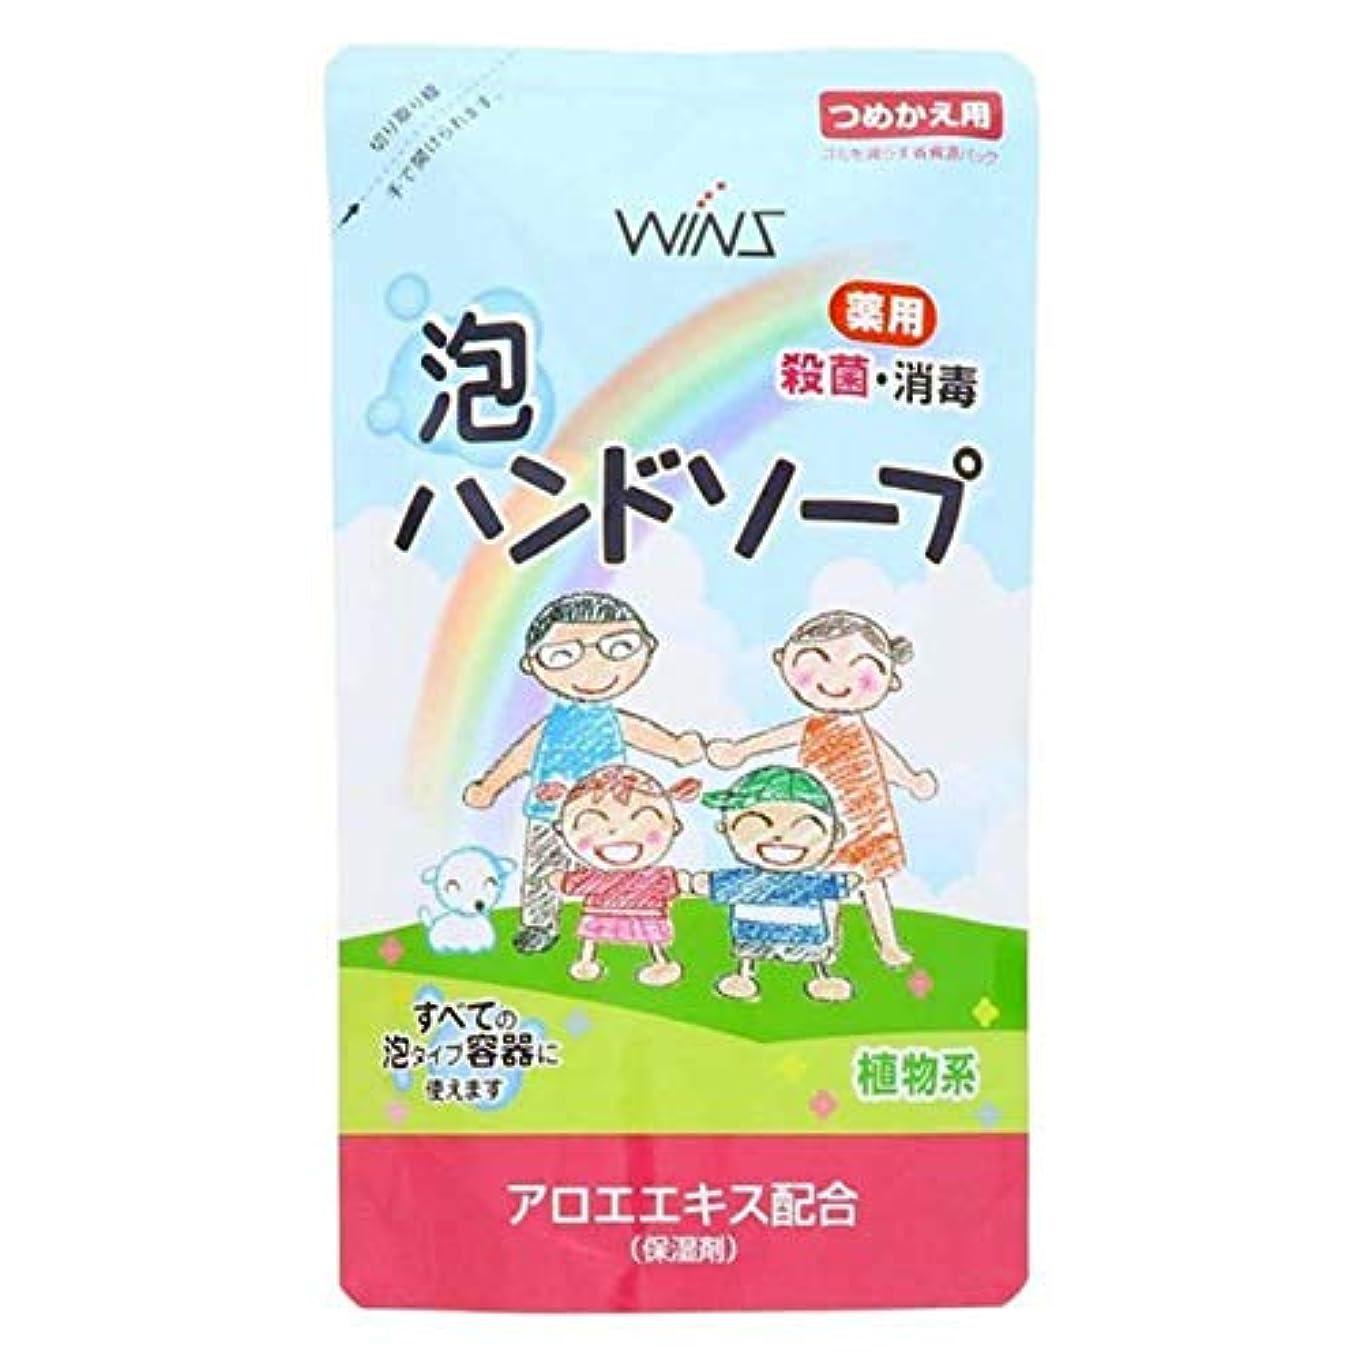 セッションオゾン両方ウインズ 薬用泡ハンドソープ 詰替 200mL 日本合成洗剤